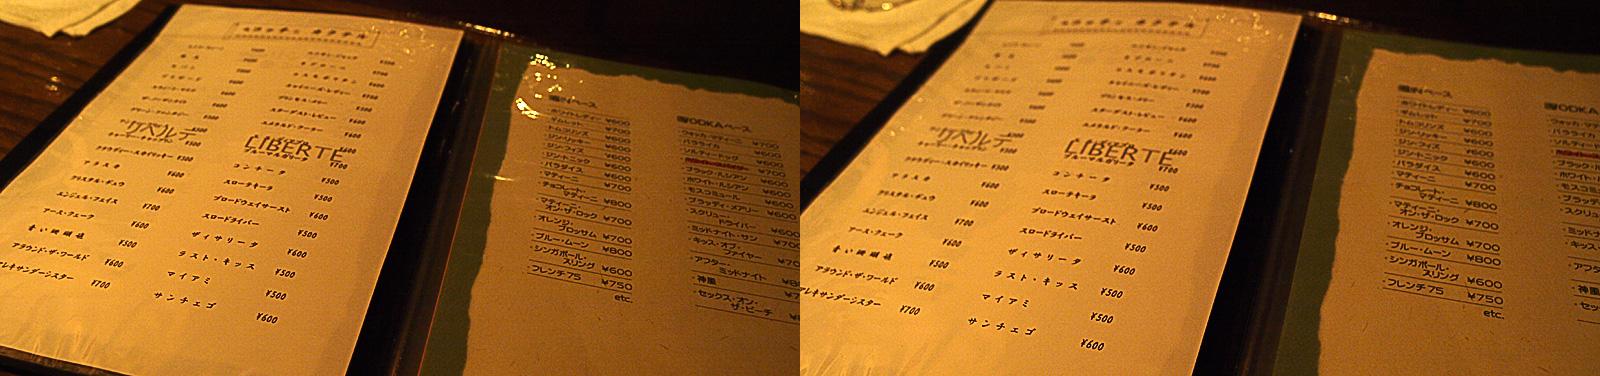 menu_drink_liberte.jpg